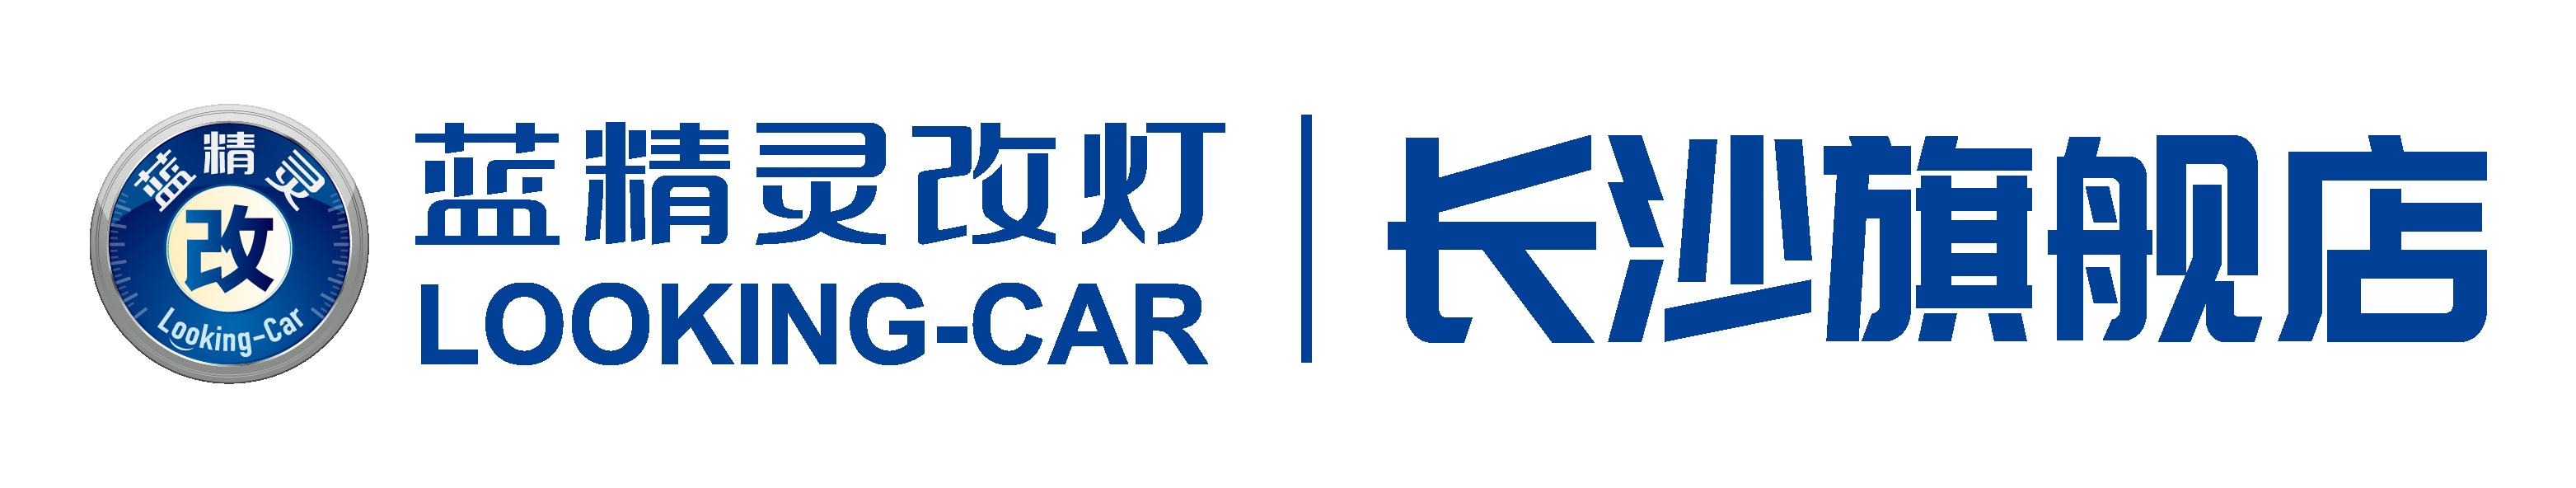 微信图片_20190820185402